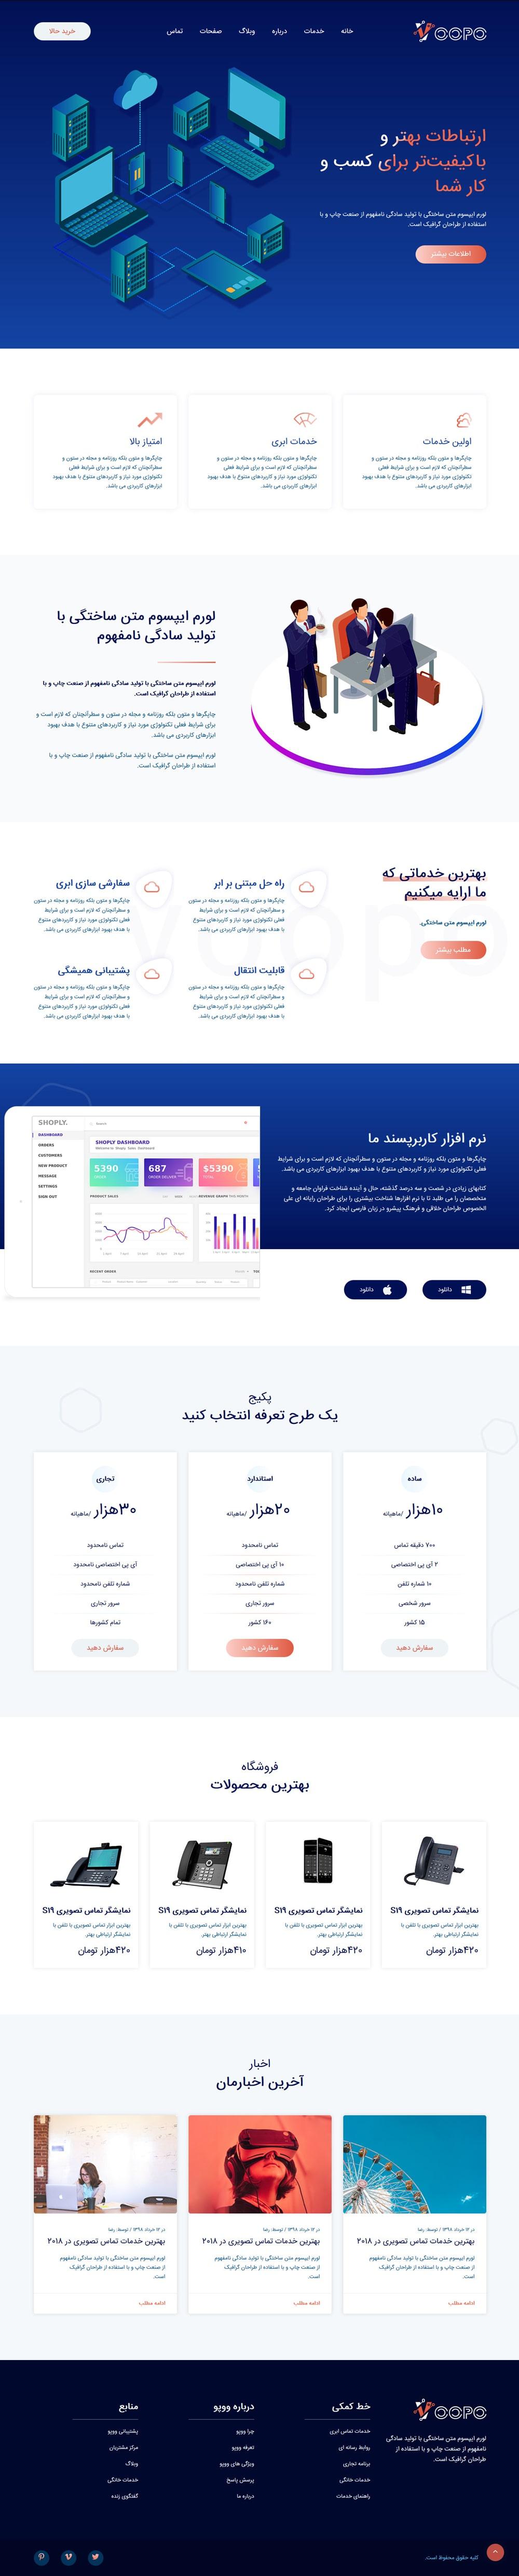 قالب HTML شرکتی Voopo پوسته خدمات ابری و ارتباطی